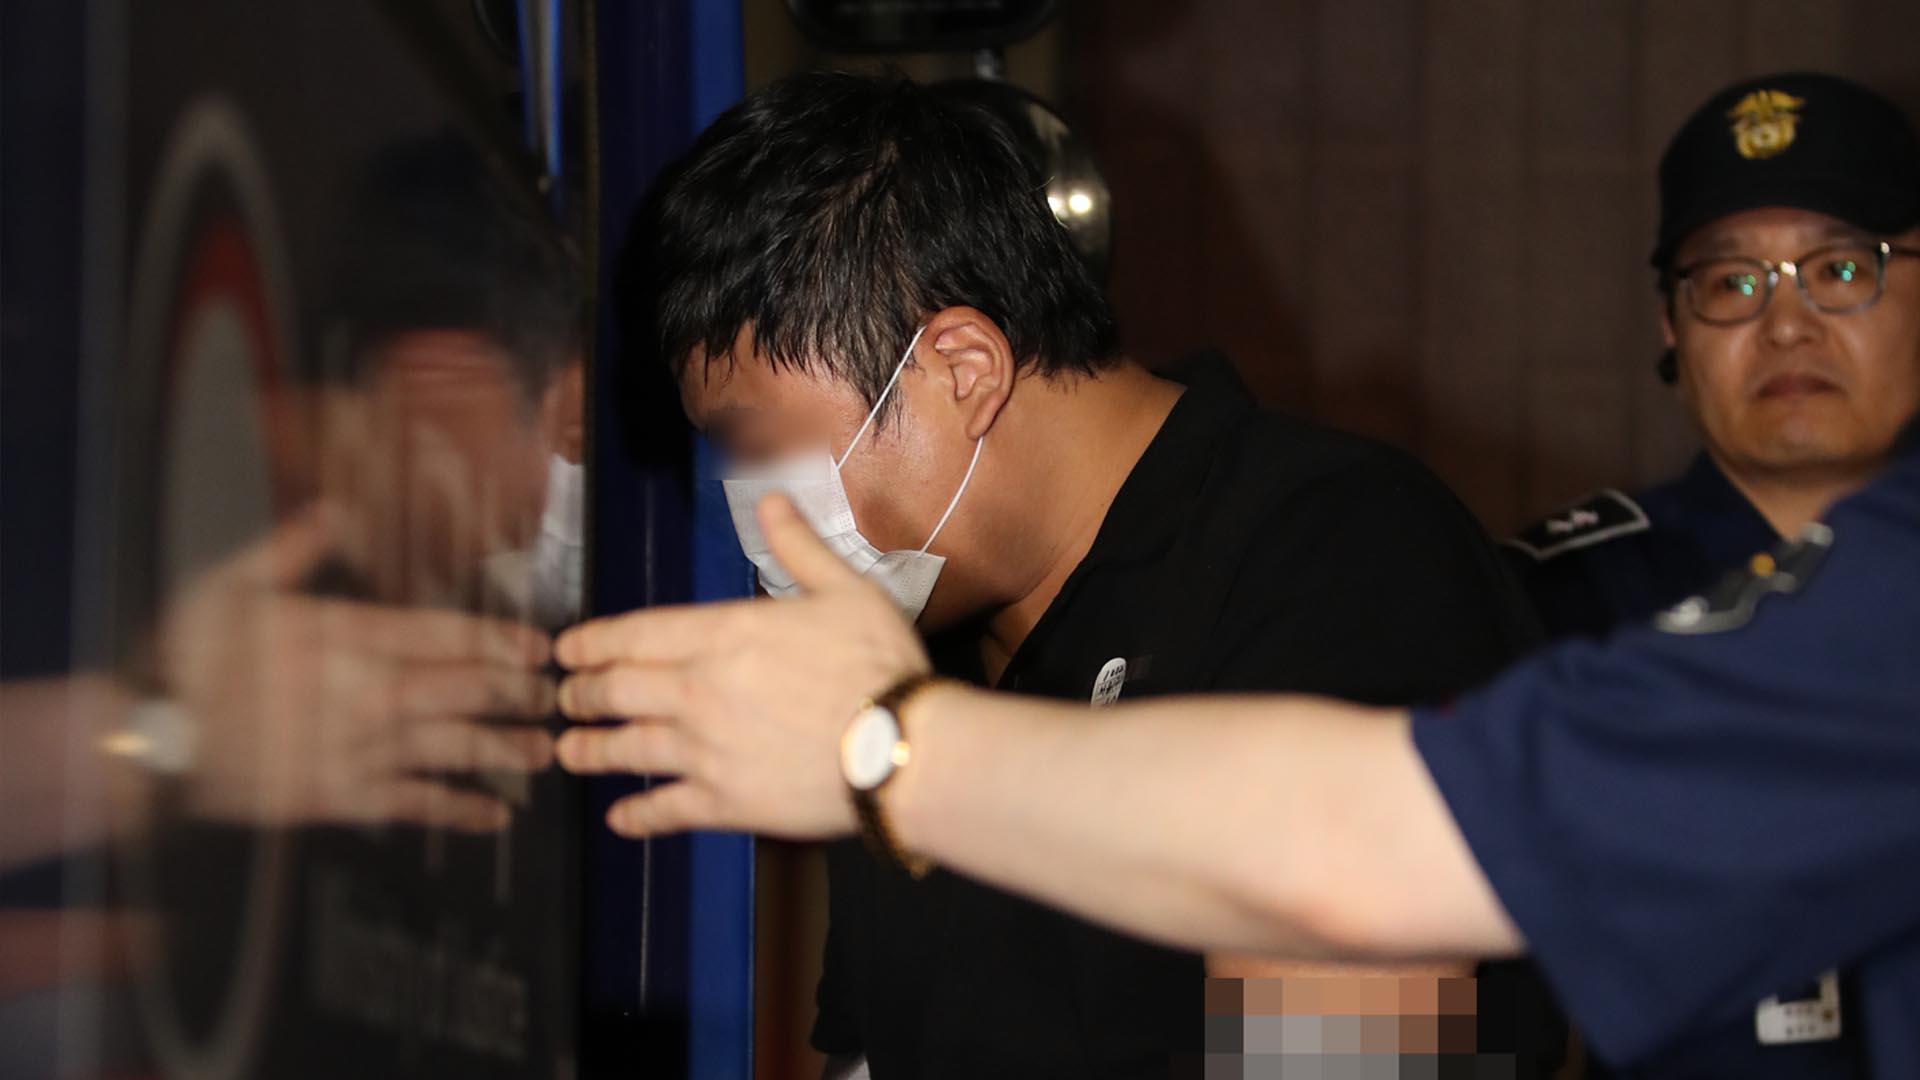 '조국 5촌 조카' 조범동 2심 징역 6년 구형